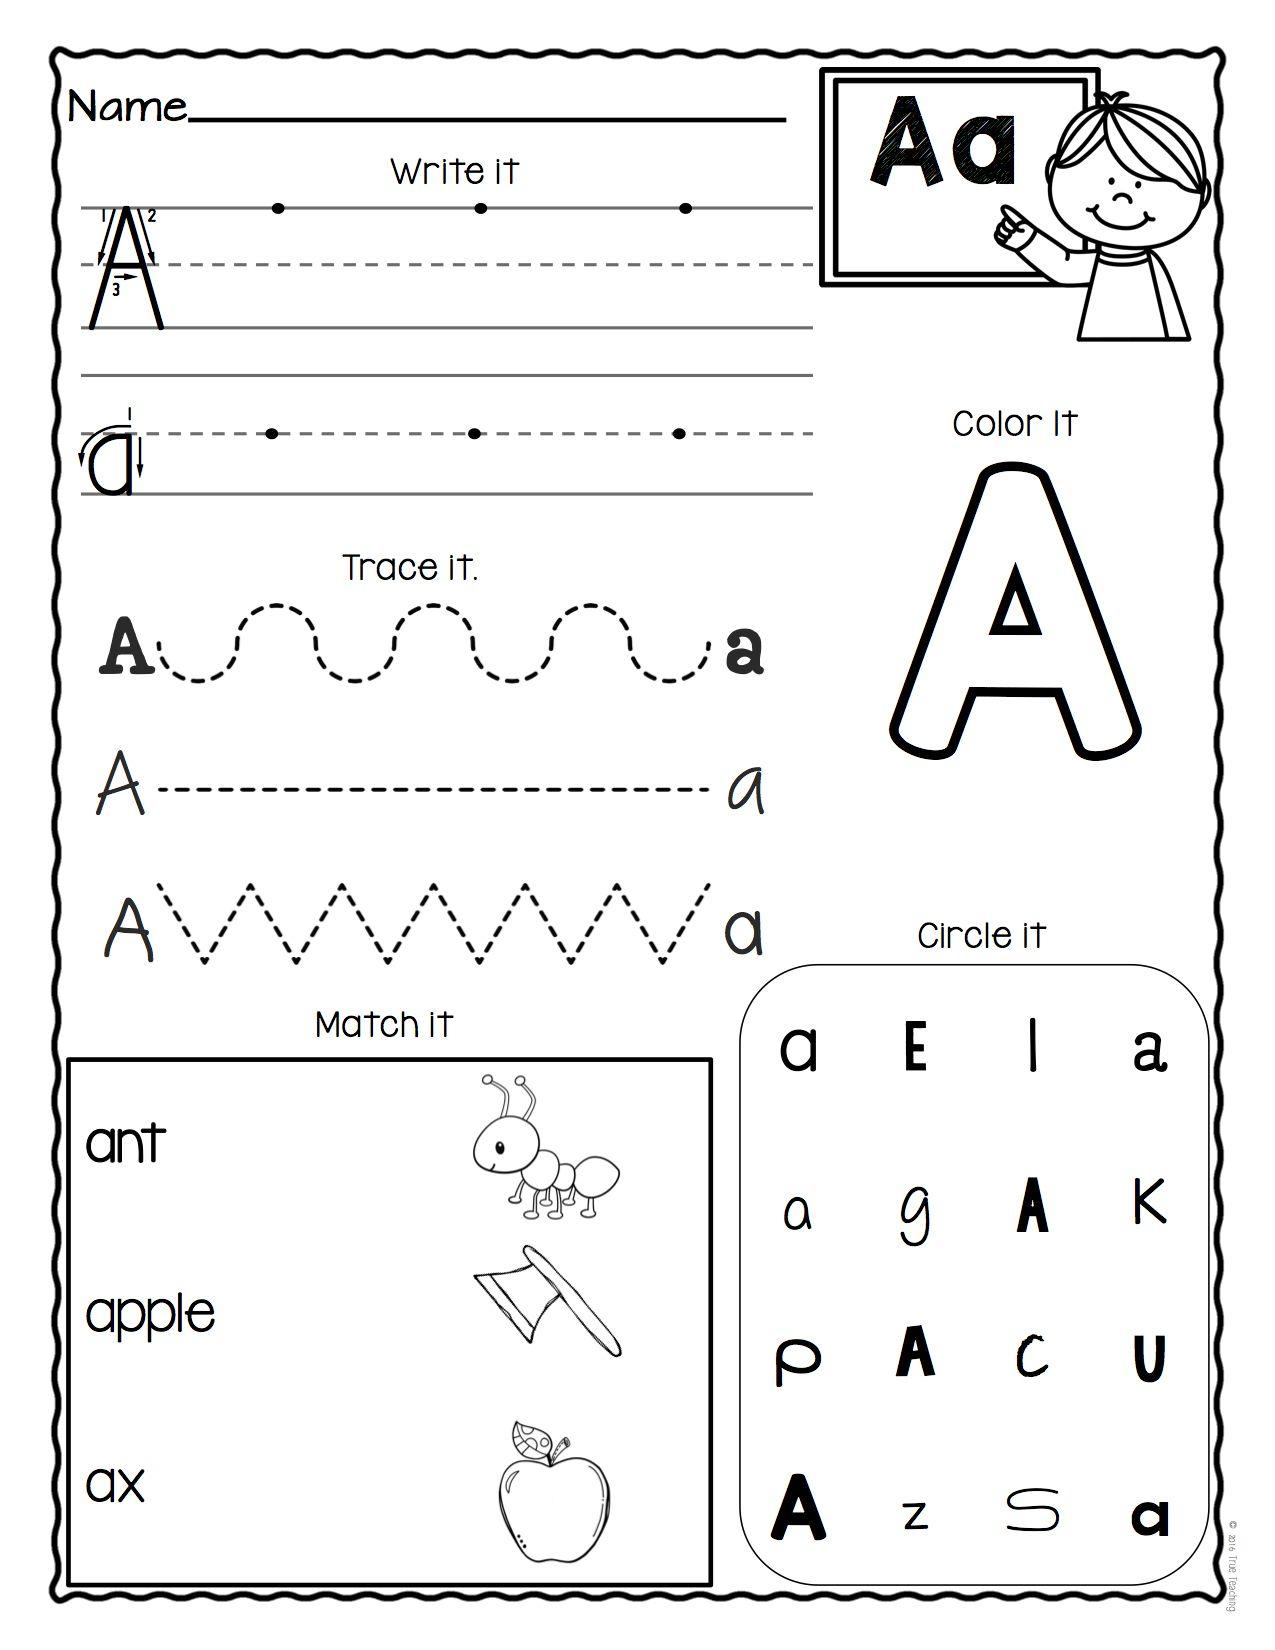 A-Z Letter Worksheets (Set 3) | Alphabet Worksheets